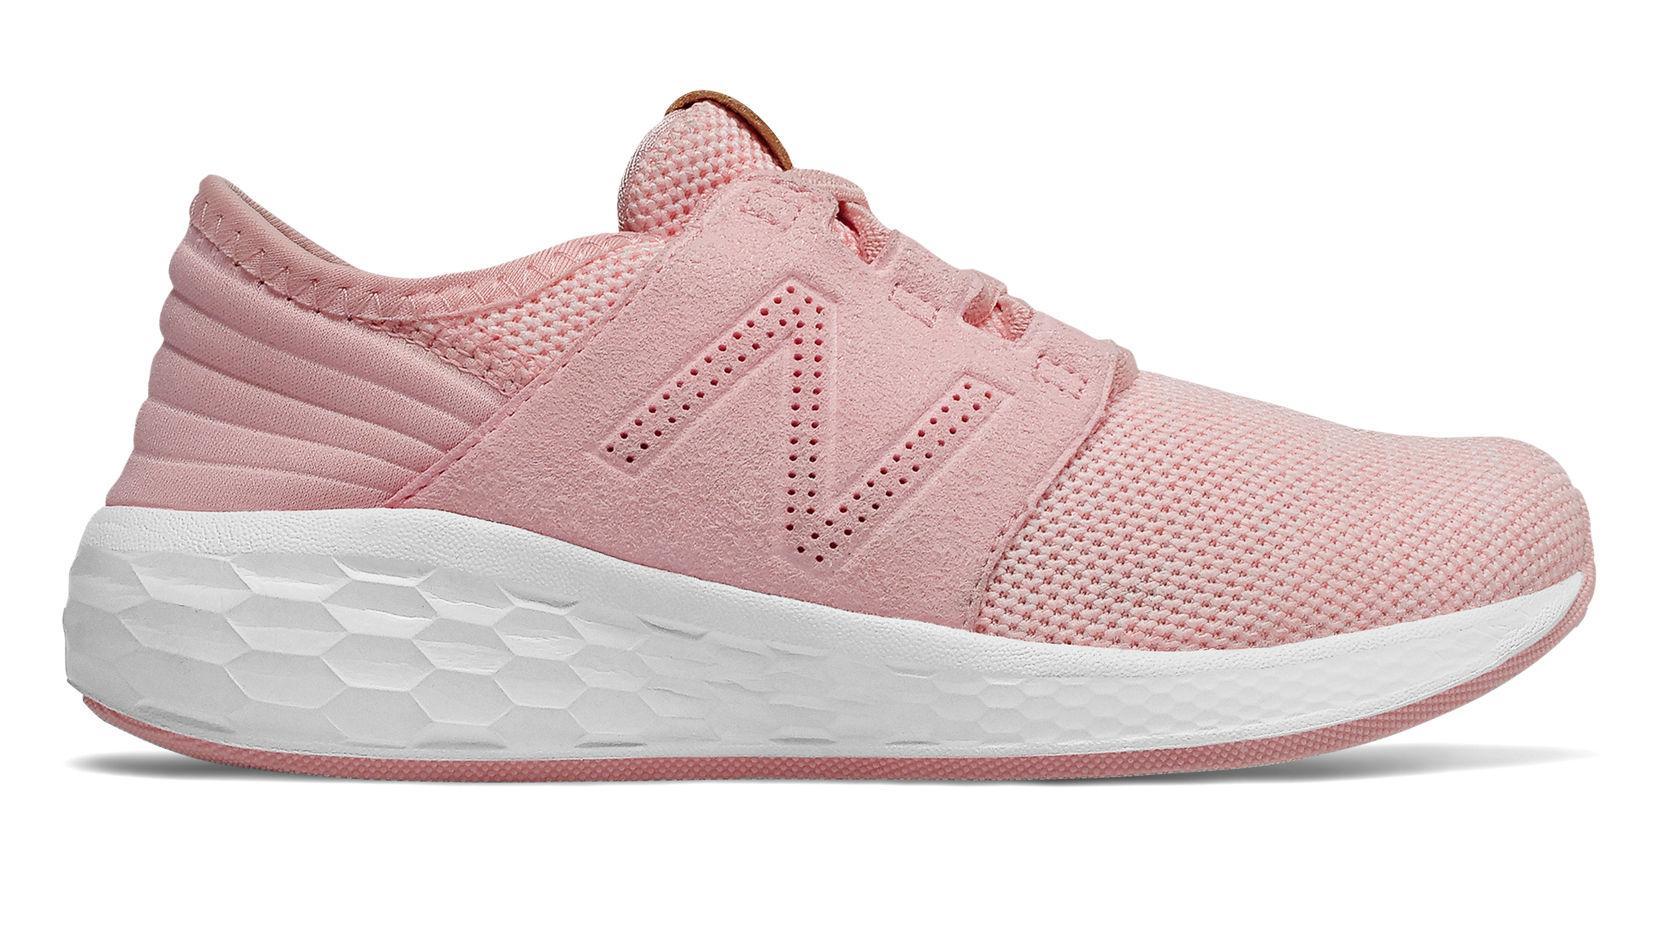 Sepatu Olahraga Anak Perempuan Terbaru  59b6841c35